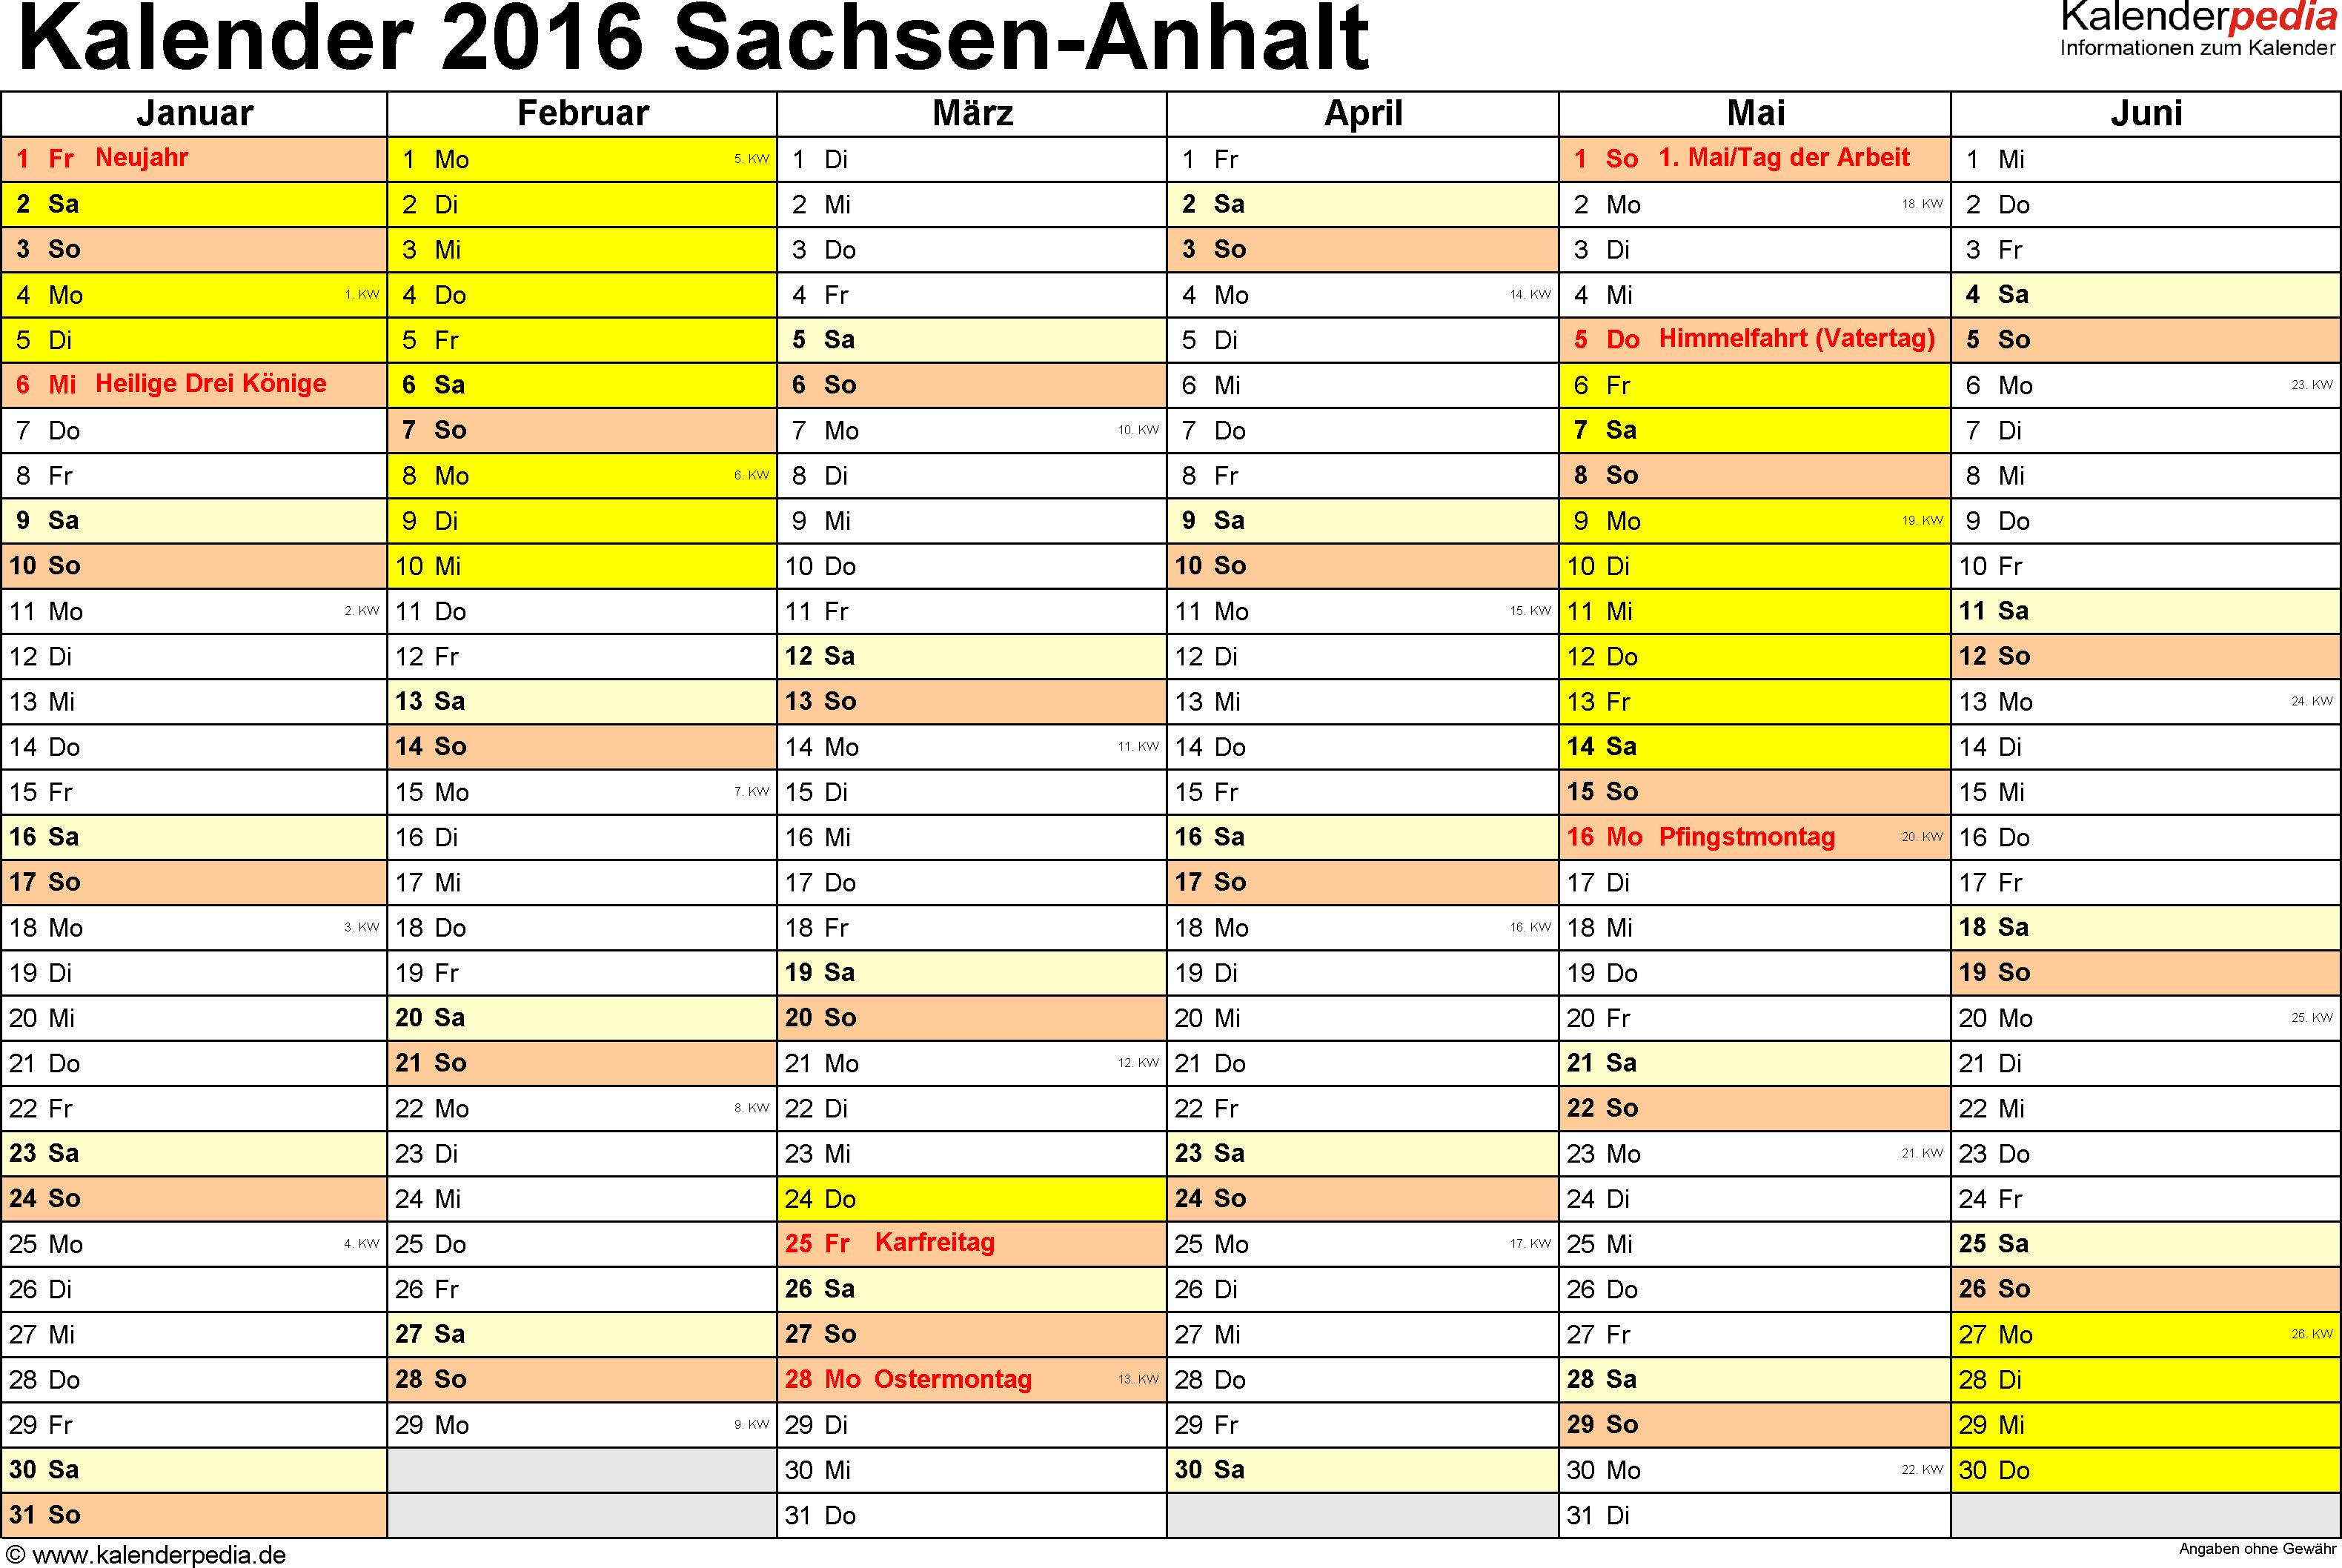 Vorlage 3: Kalender 2016 für Sachsen-Anhalt als Excel-Vorlagen (Querformat, 2 Seiten)